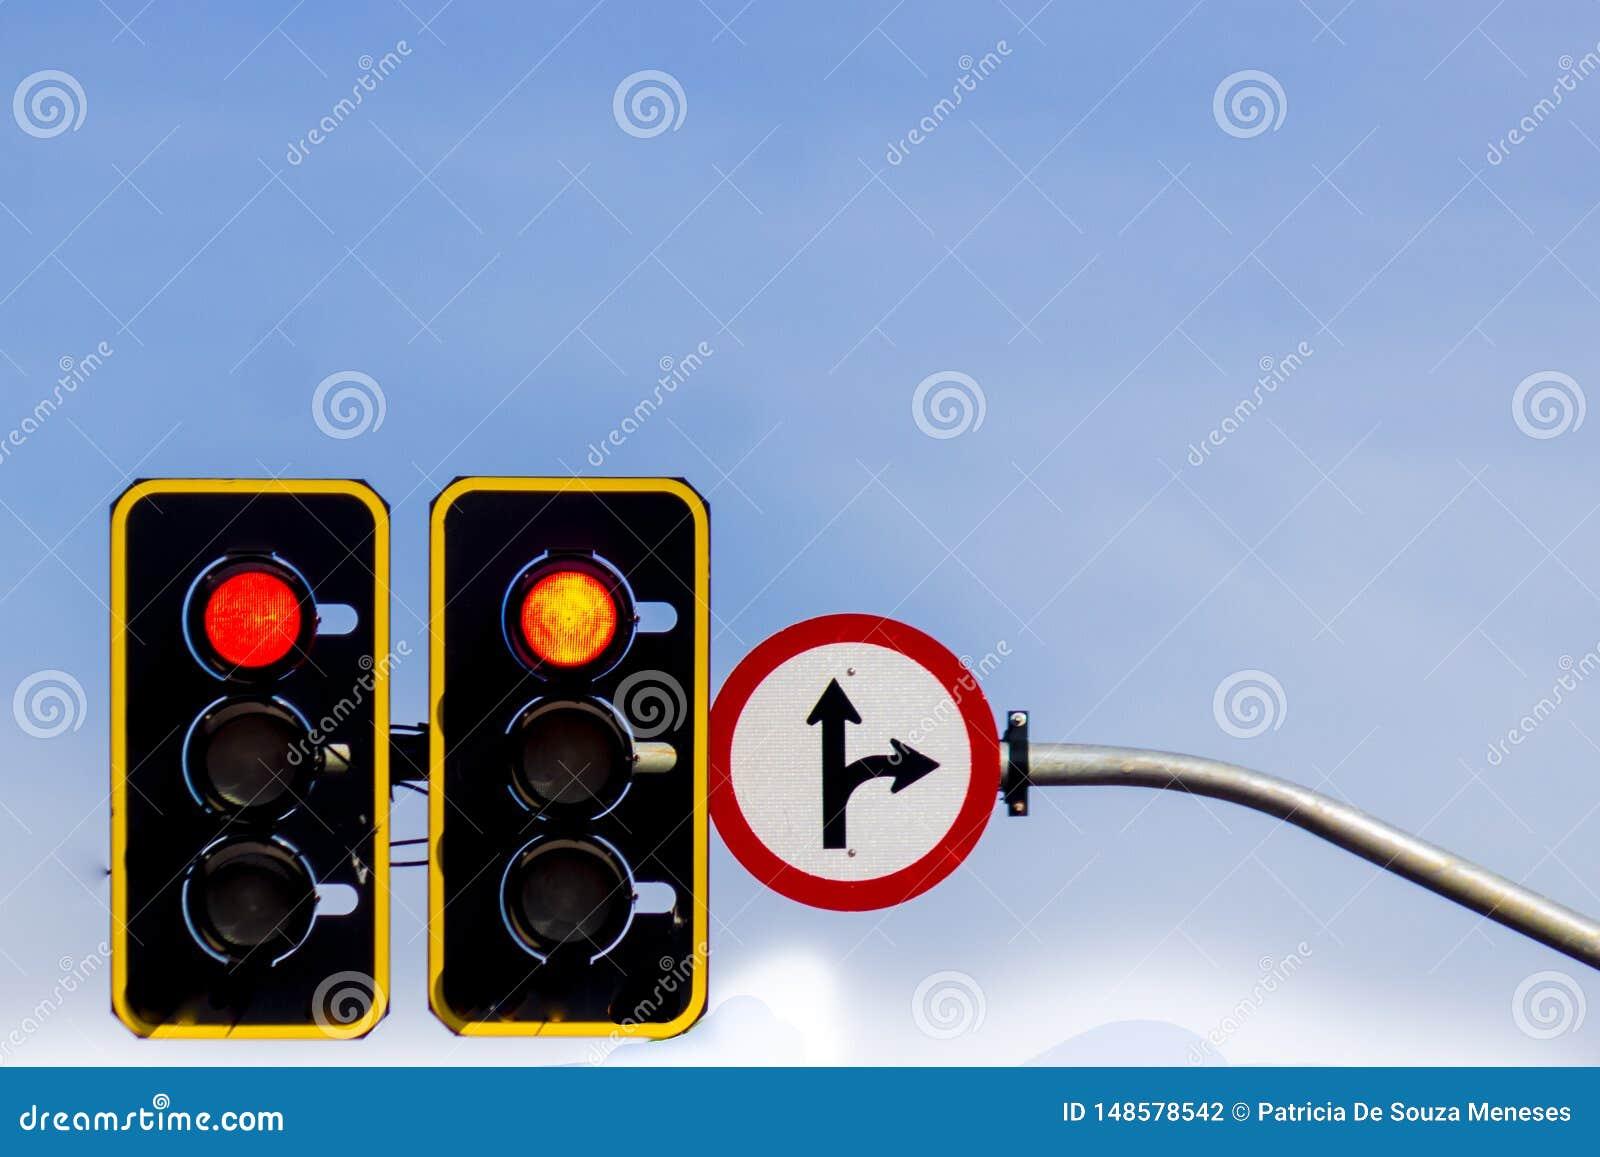 Sinal de estrada e sinal de tr?fego